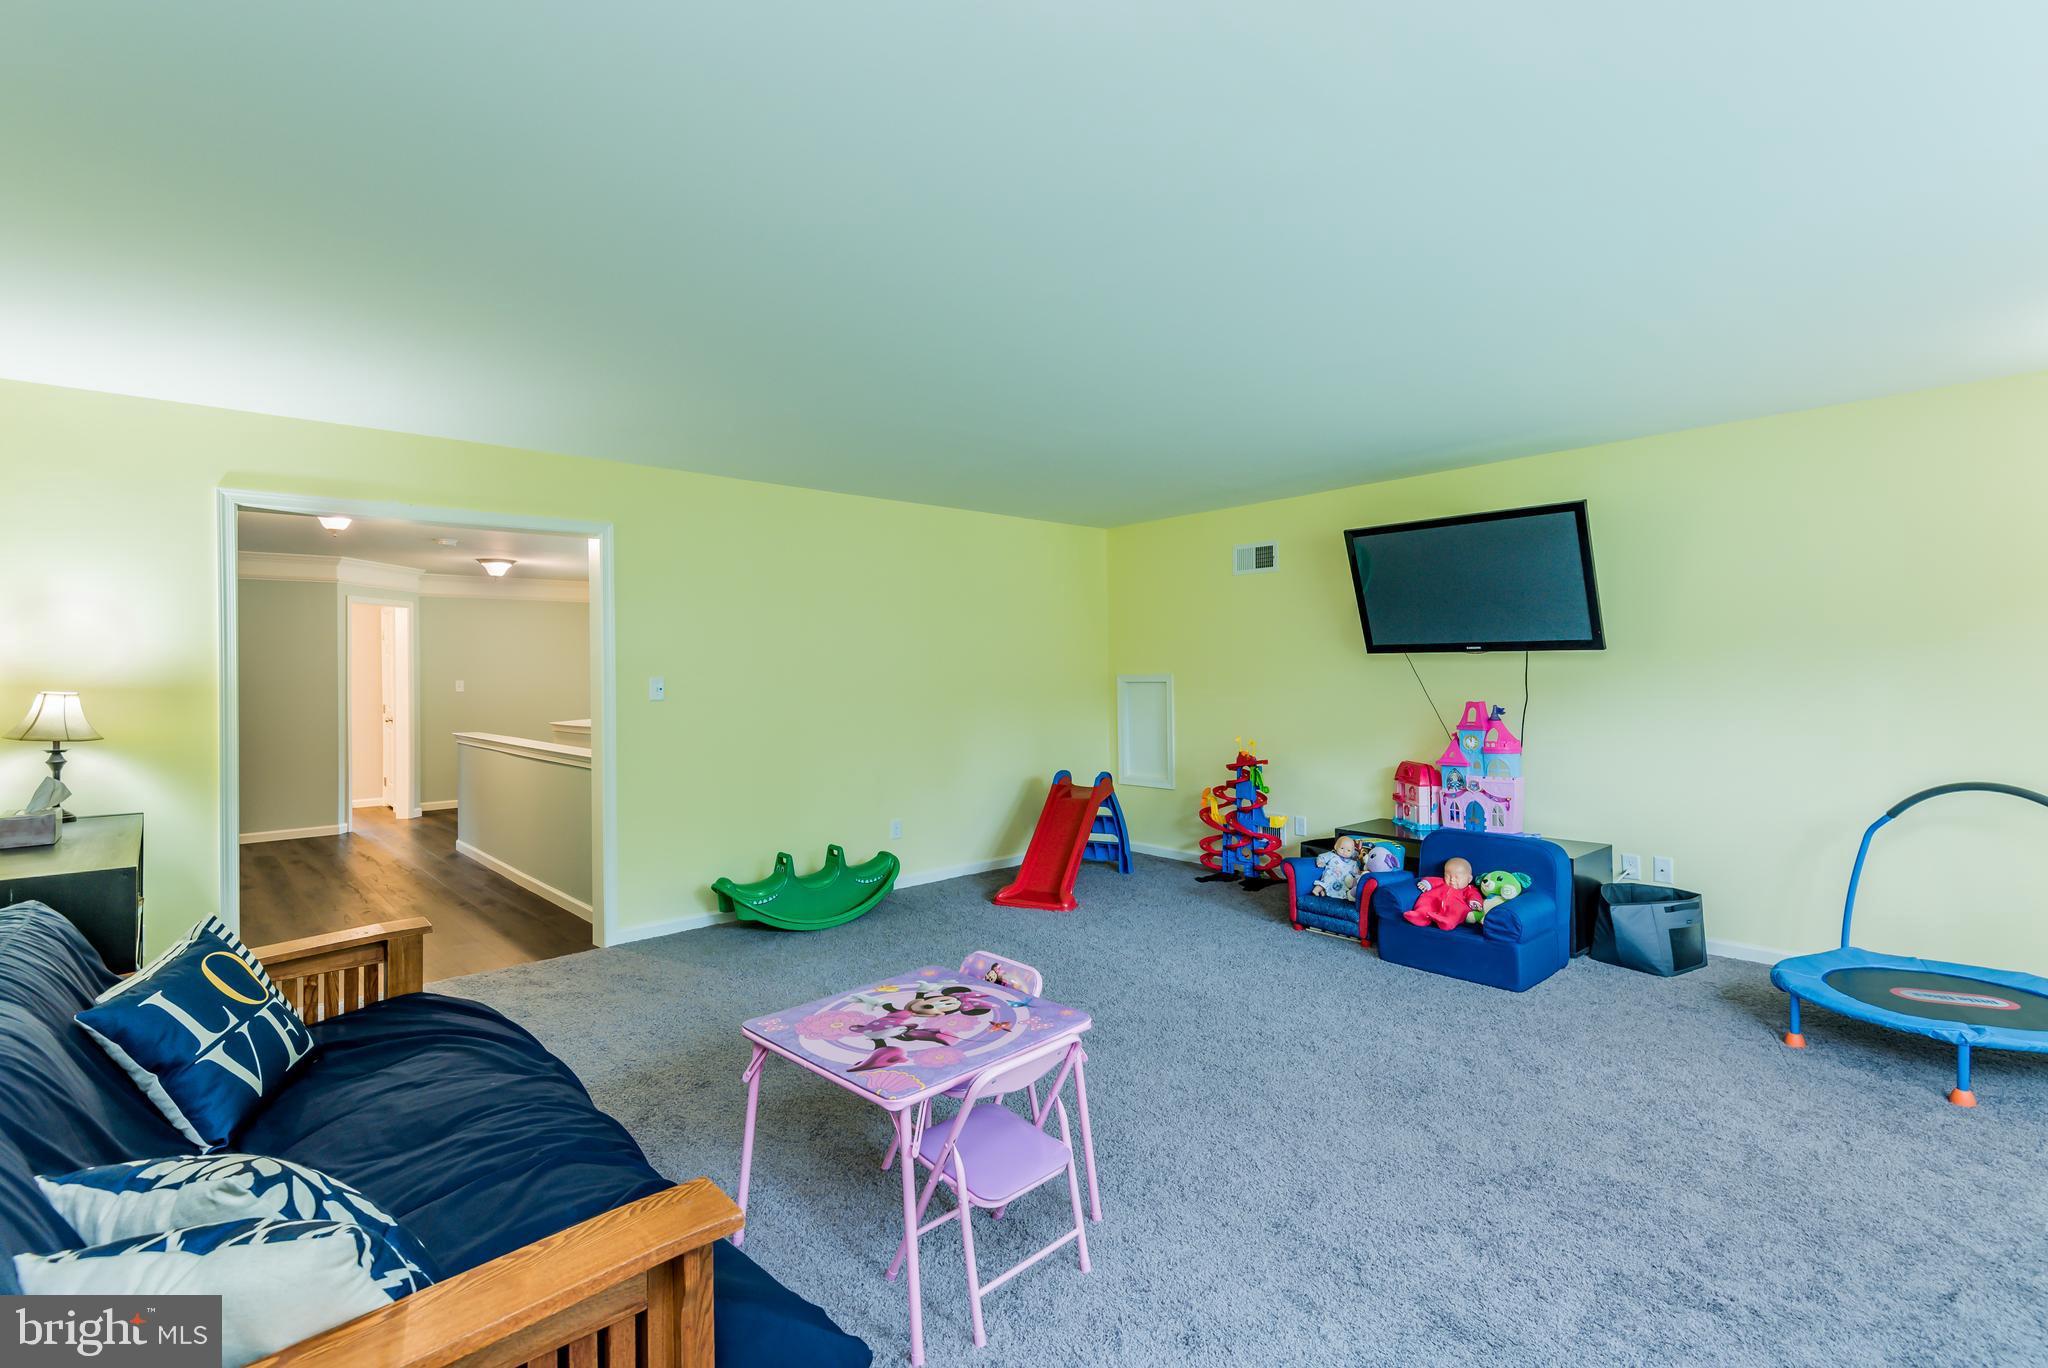 19' x 19' bonus room